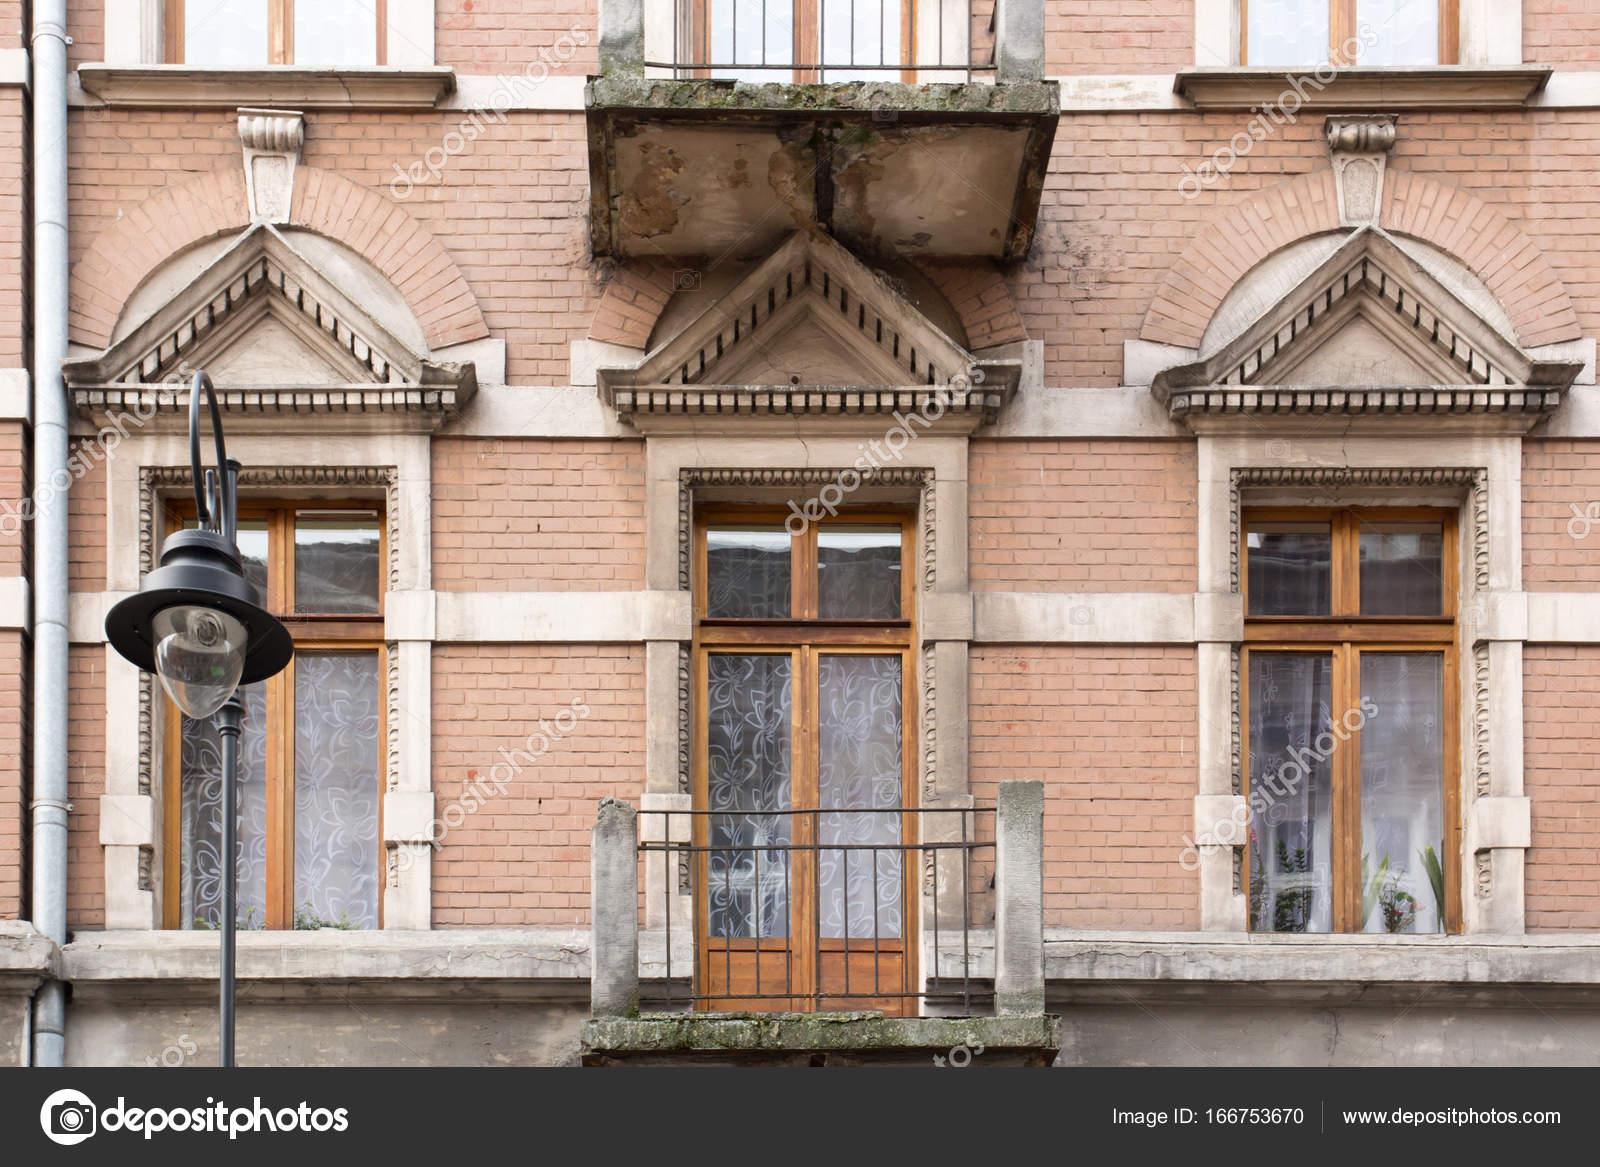 De gevel van het oude huis met het balkon en straat lamp